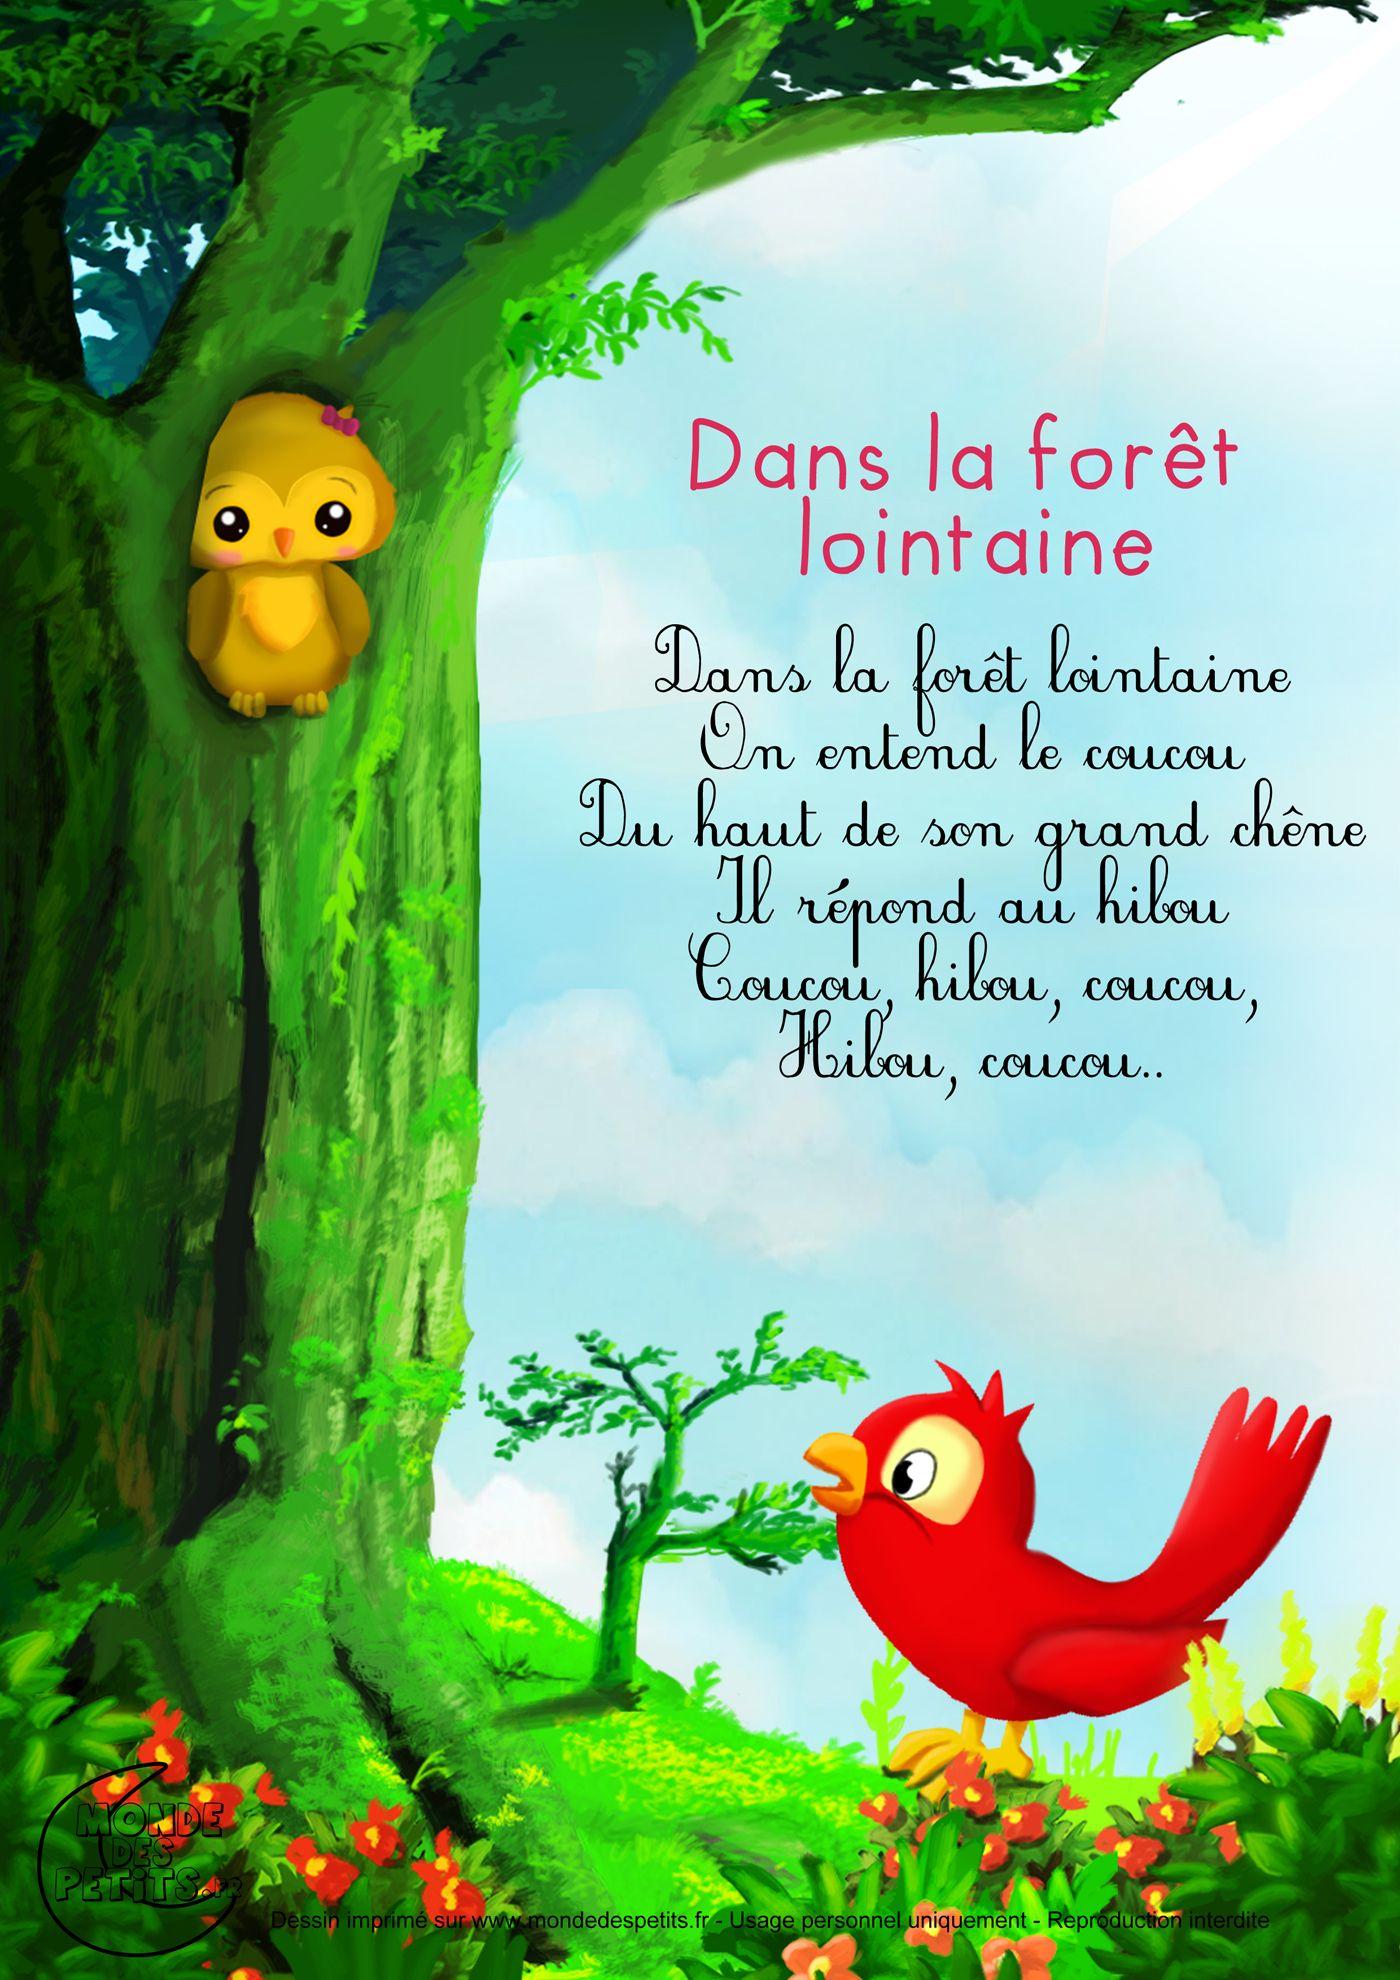 Paroles dans la for t lointaine dessins pinterest for Dans banga paroles